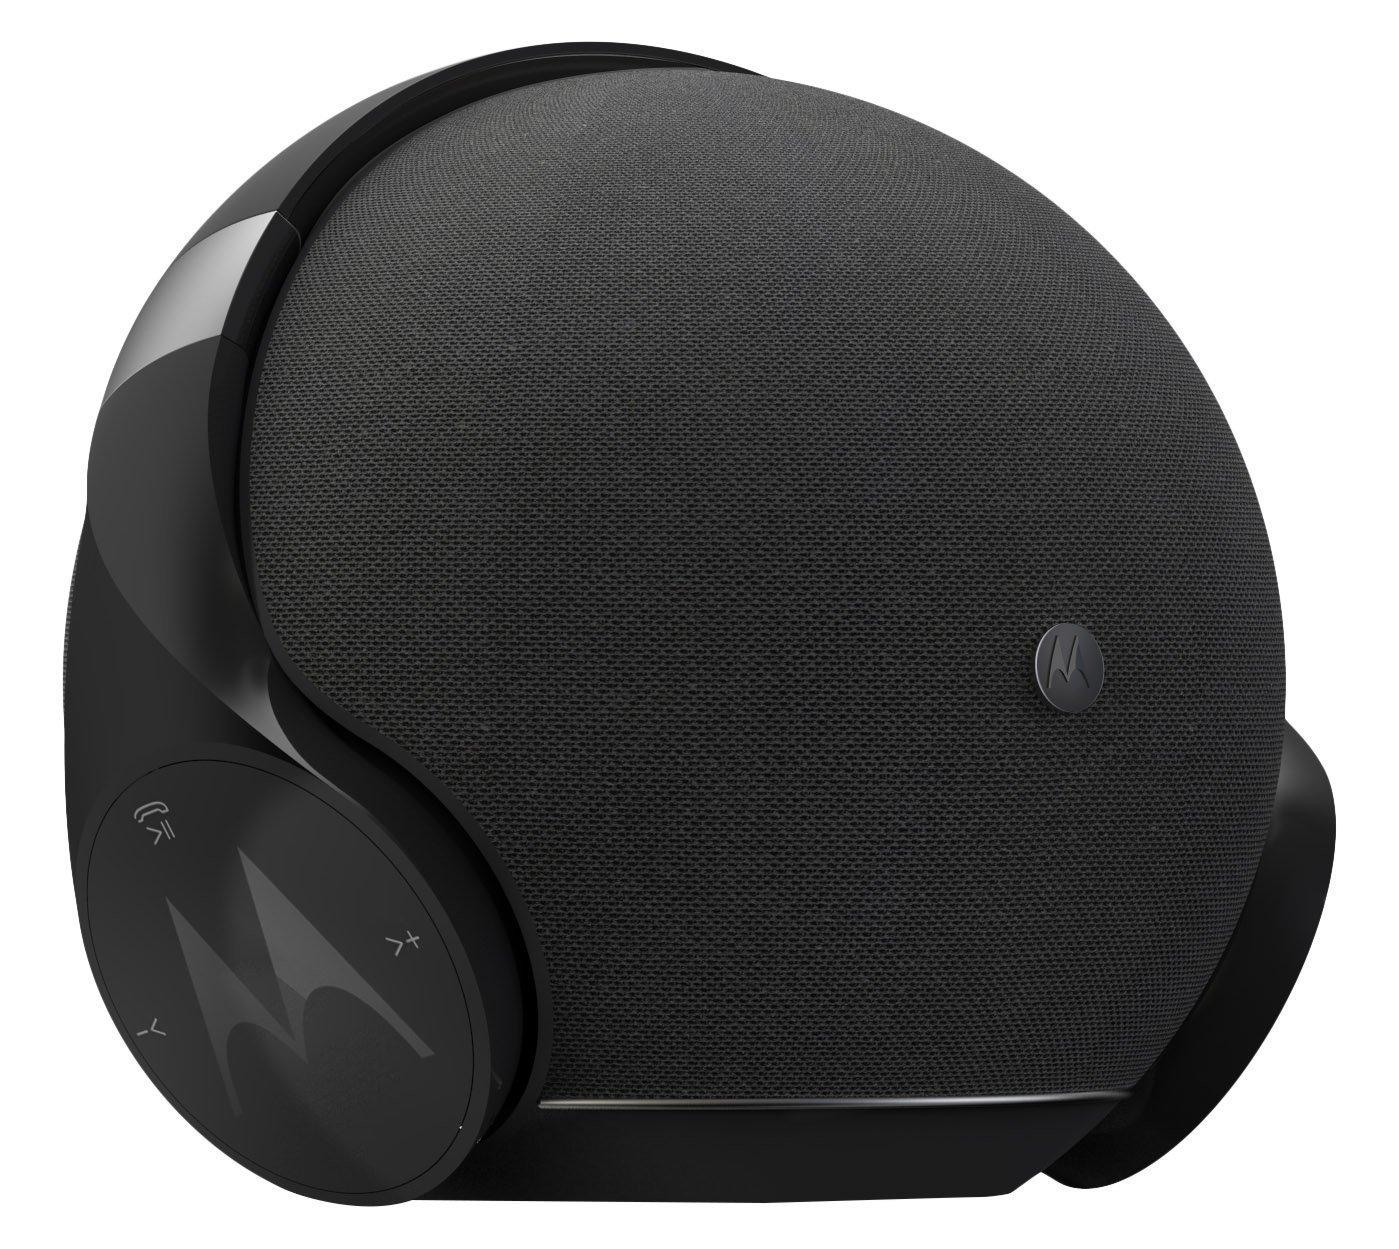 Motorola Sphere+ - 2 en 1: Altavoz Estéreo Bluetooth y Juego de Auriculares - Cascos y Equipo de Manos Libres - Nero imagen